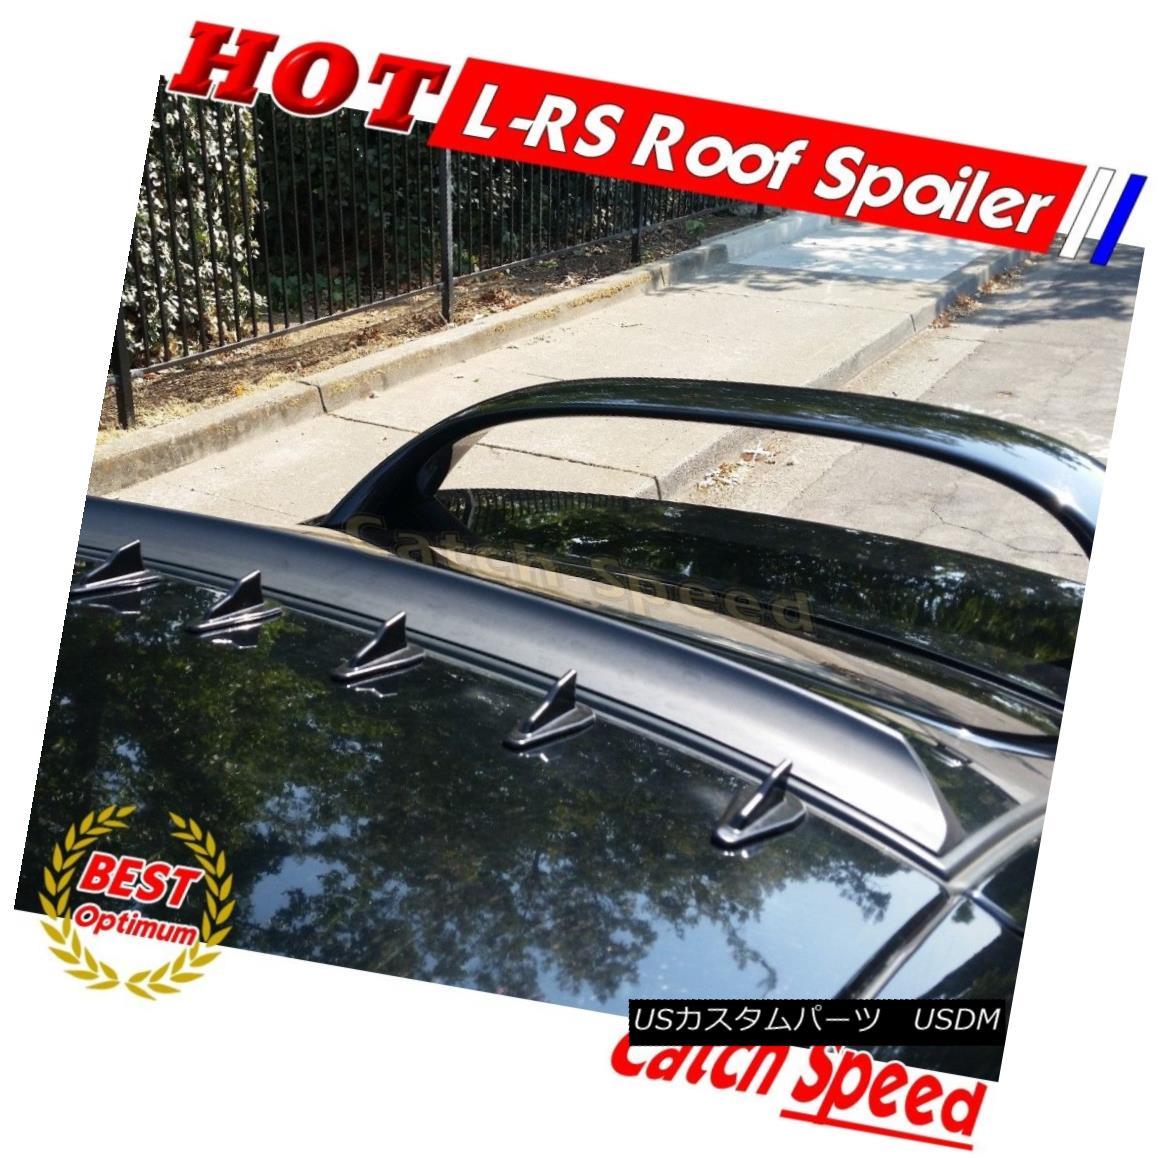 エアロパーツ Painted LRS Type Rear Window Roof Spoiler Wing For Audi A6 C5 1998~04 ? 塗装されたLRSタイプリアウィンドウルーフスポイラーウィングfor Audi A6 C5 1998?04?